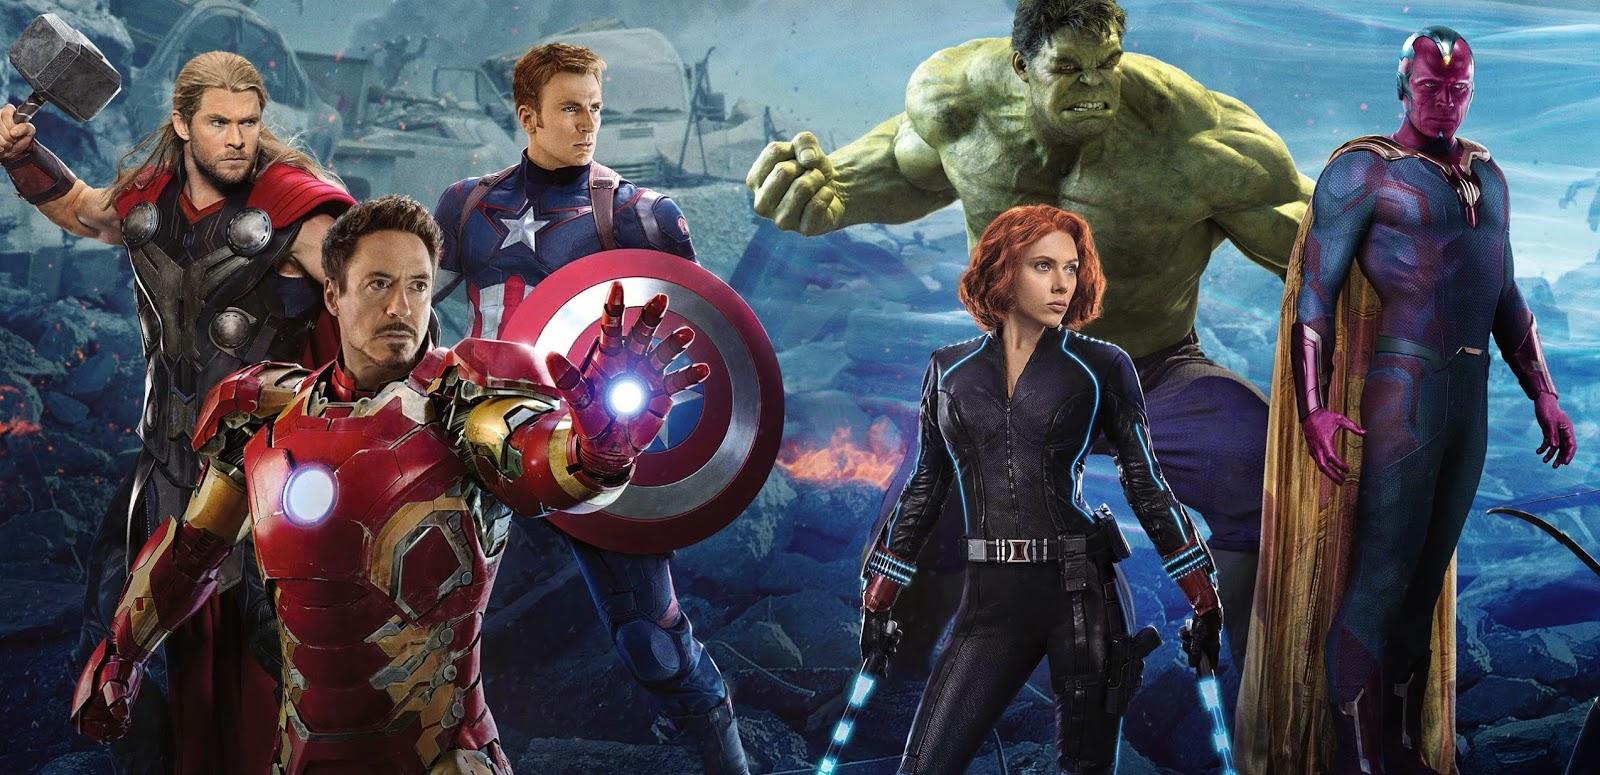 Vingadores: Era de Ultron | Veja as primeiras cenas, comercial inéditos e tapete vermelho da sequência da Marvel Studios